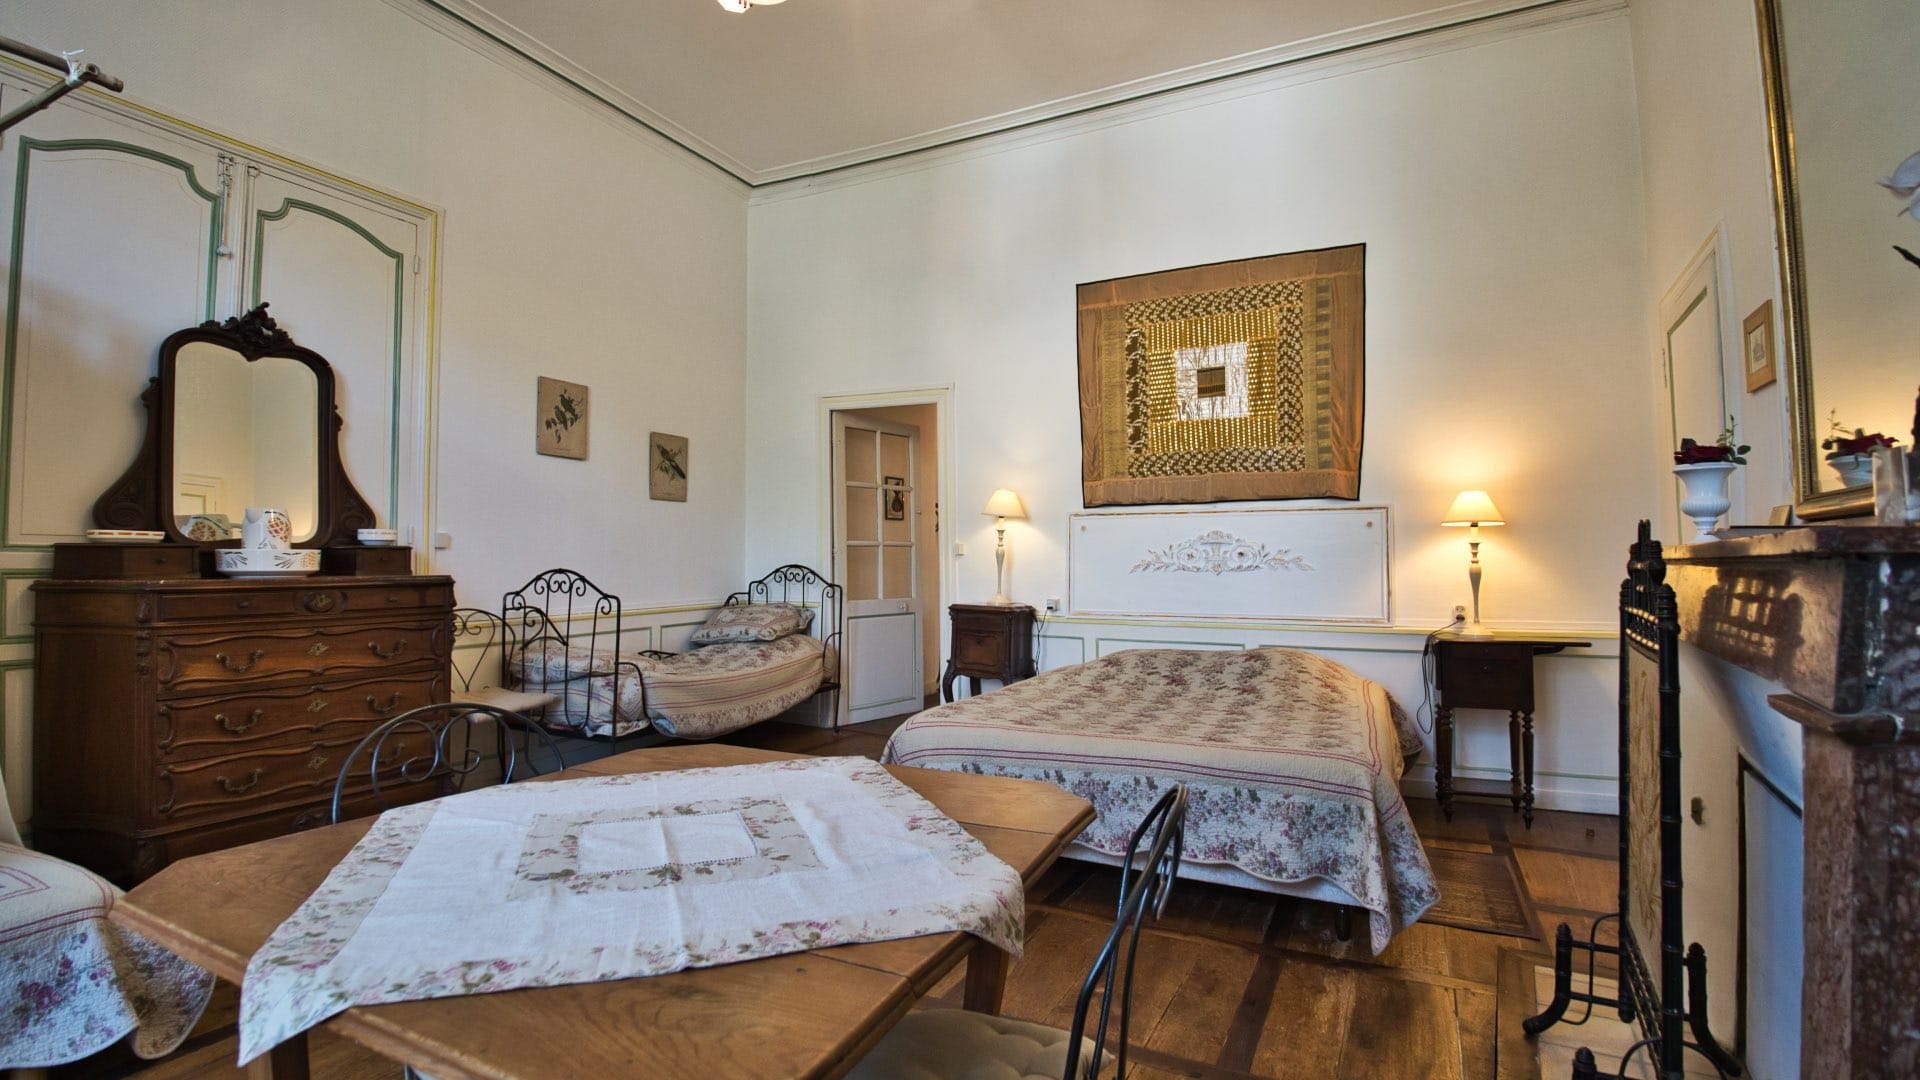 Chambre D'Hôtes 1 À 2 Personnes À Sarlat La Canéda (24200) intérieur Chambre D Hote Biscarrosse Plage